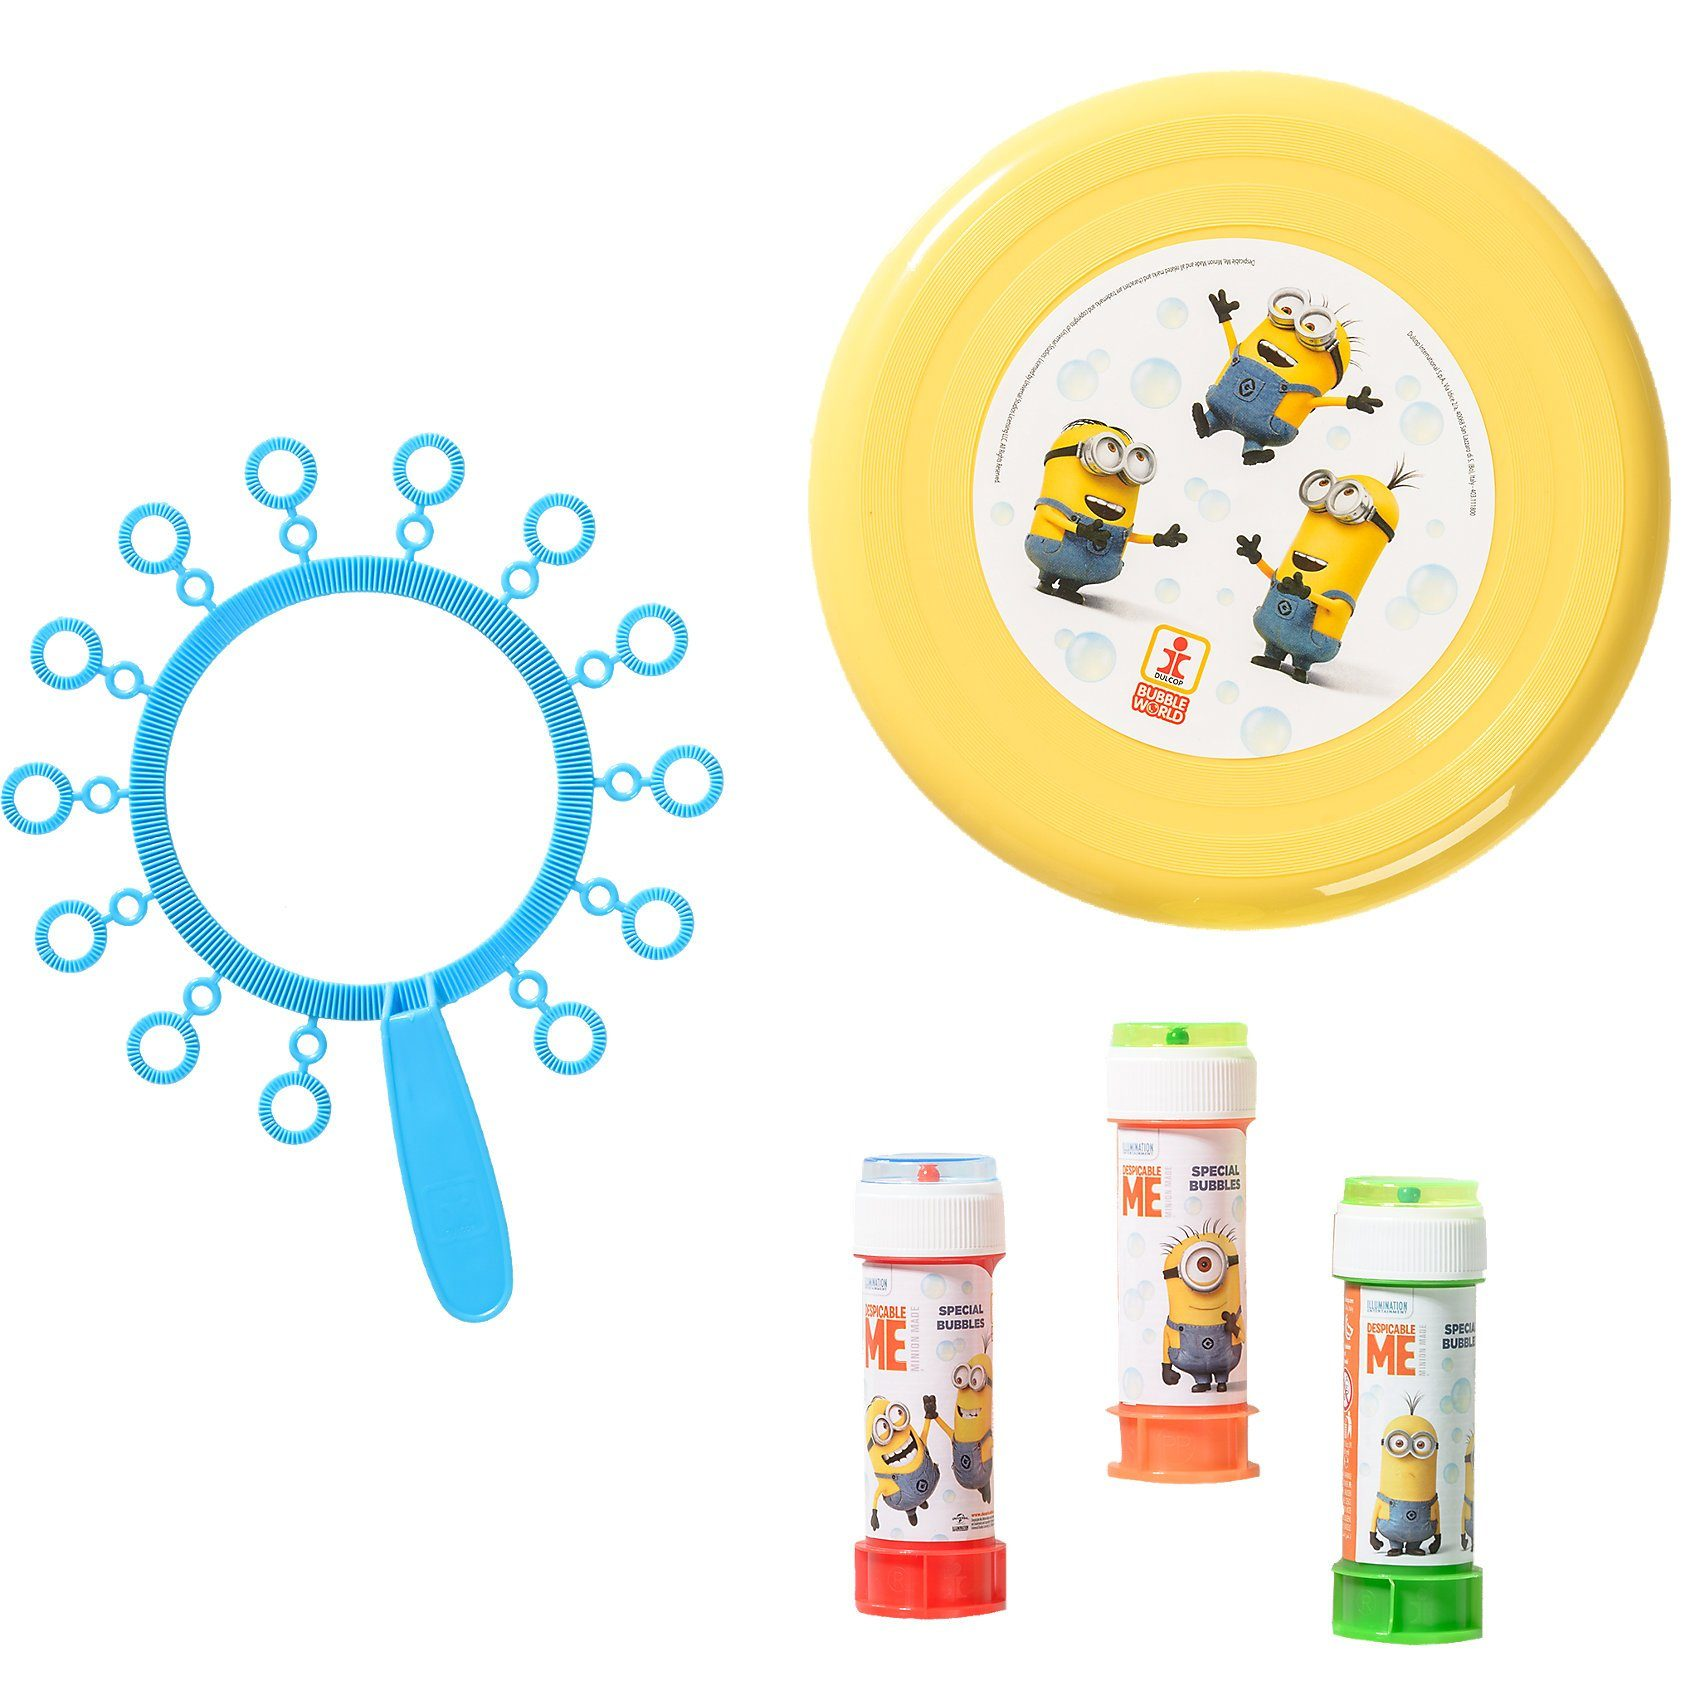 Dulcop Seifenblasen- und Frisbee-Set Minions